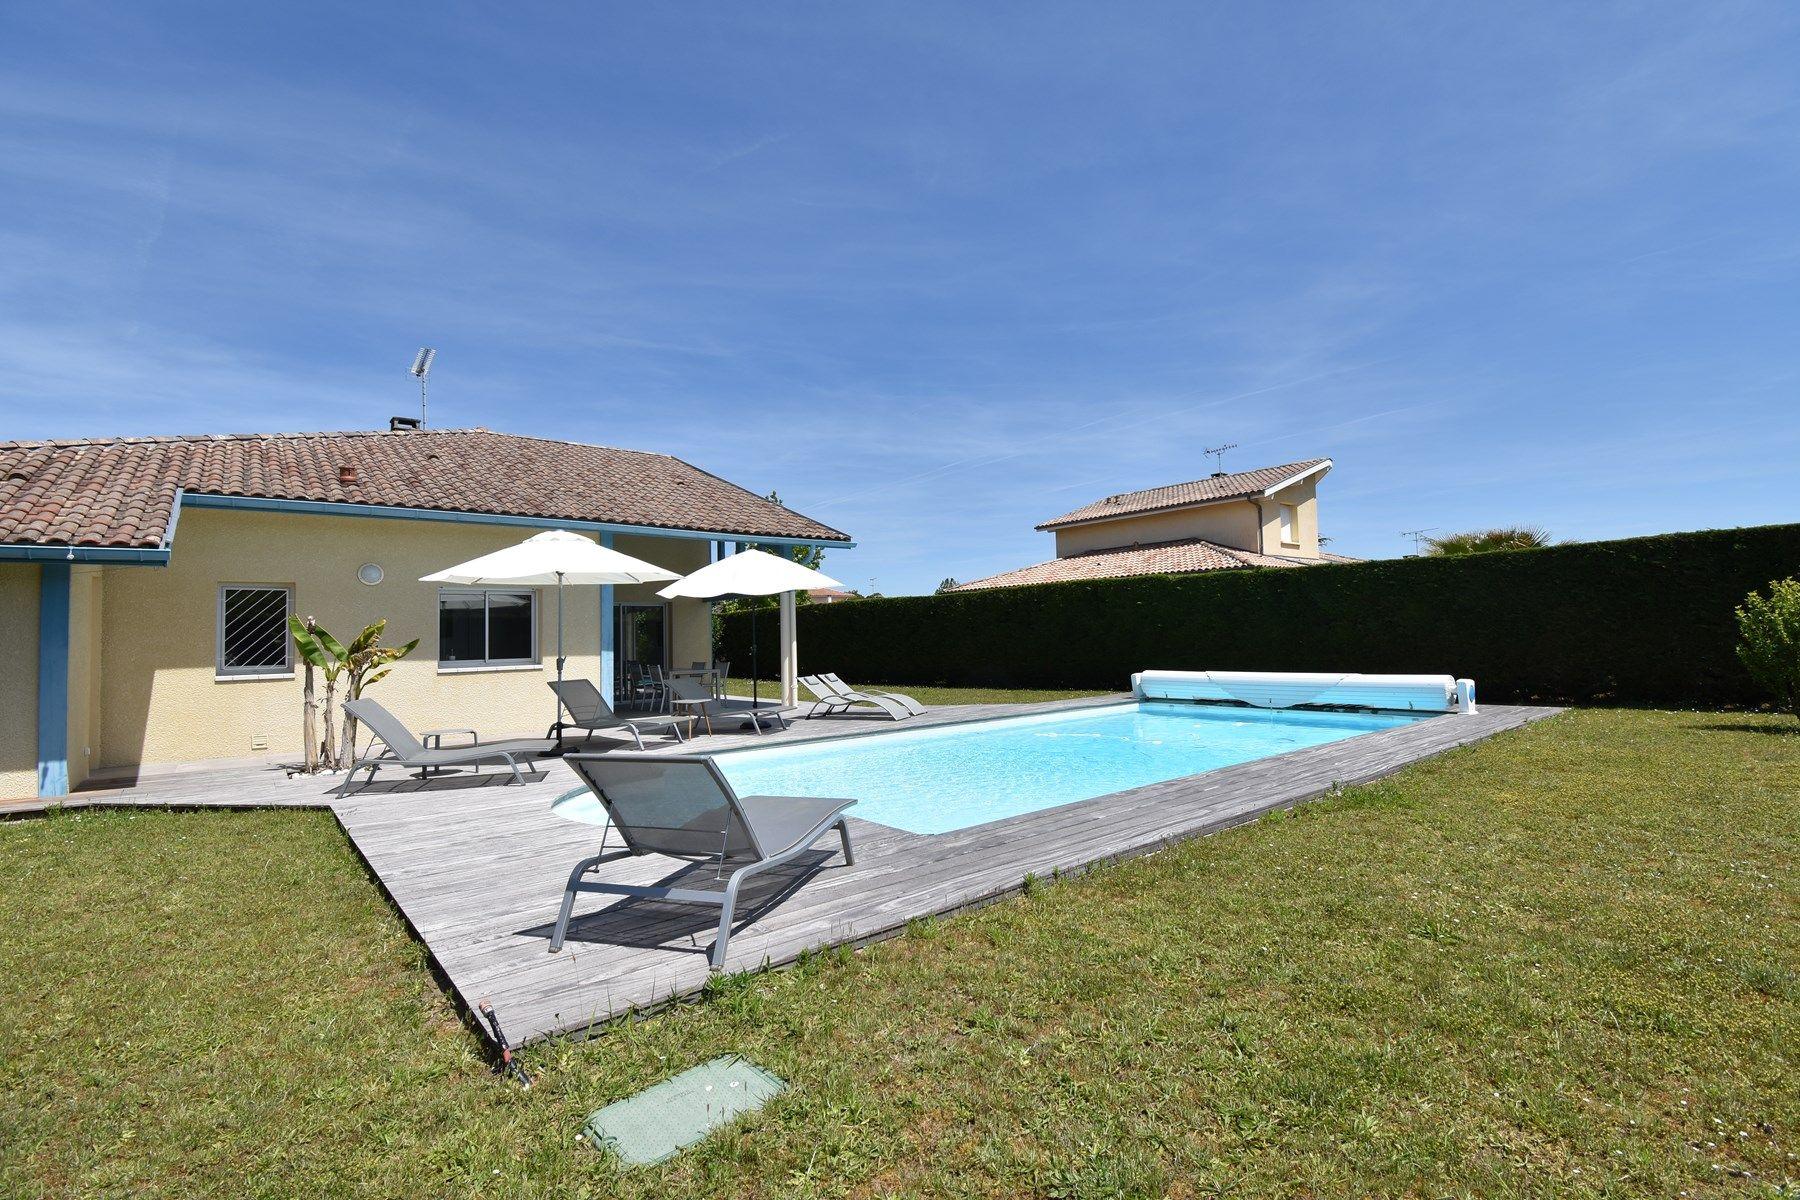 location de vacances à Seignosse ref:0477